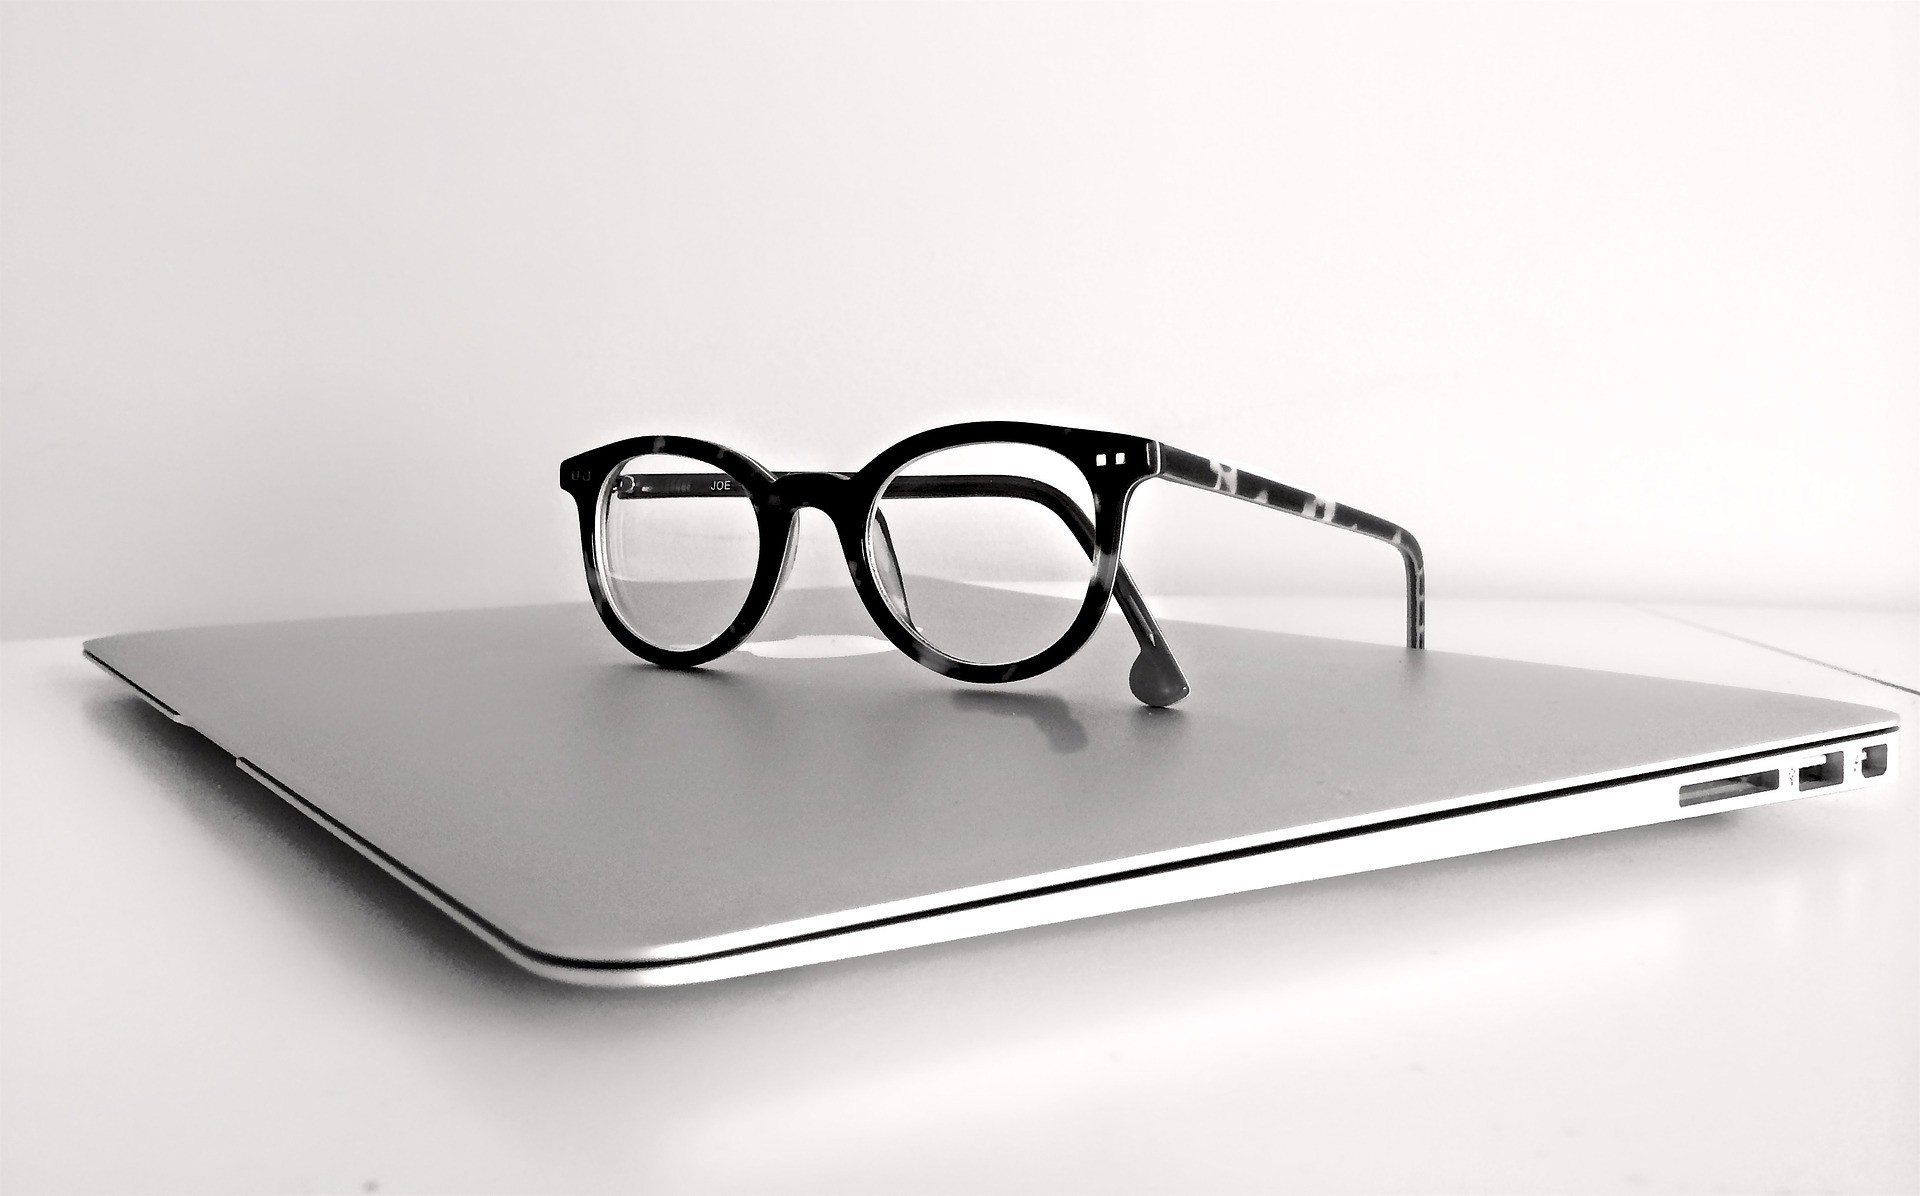 云镜台:配眼镜需要注意的事项,你真的知道吗?